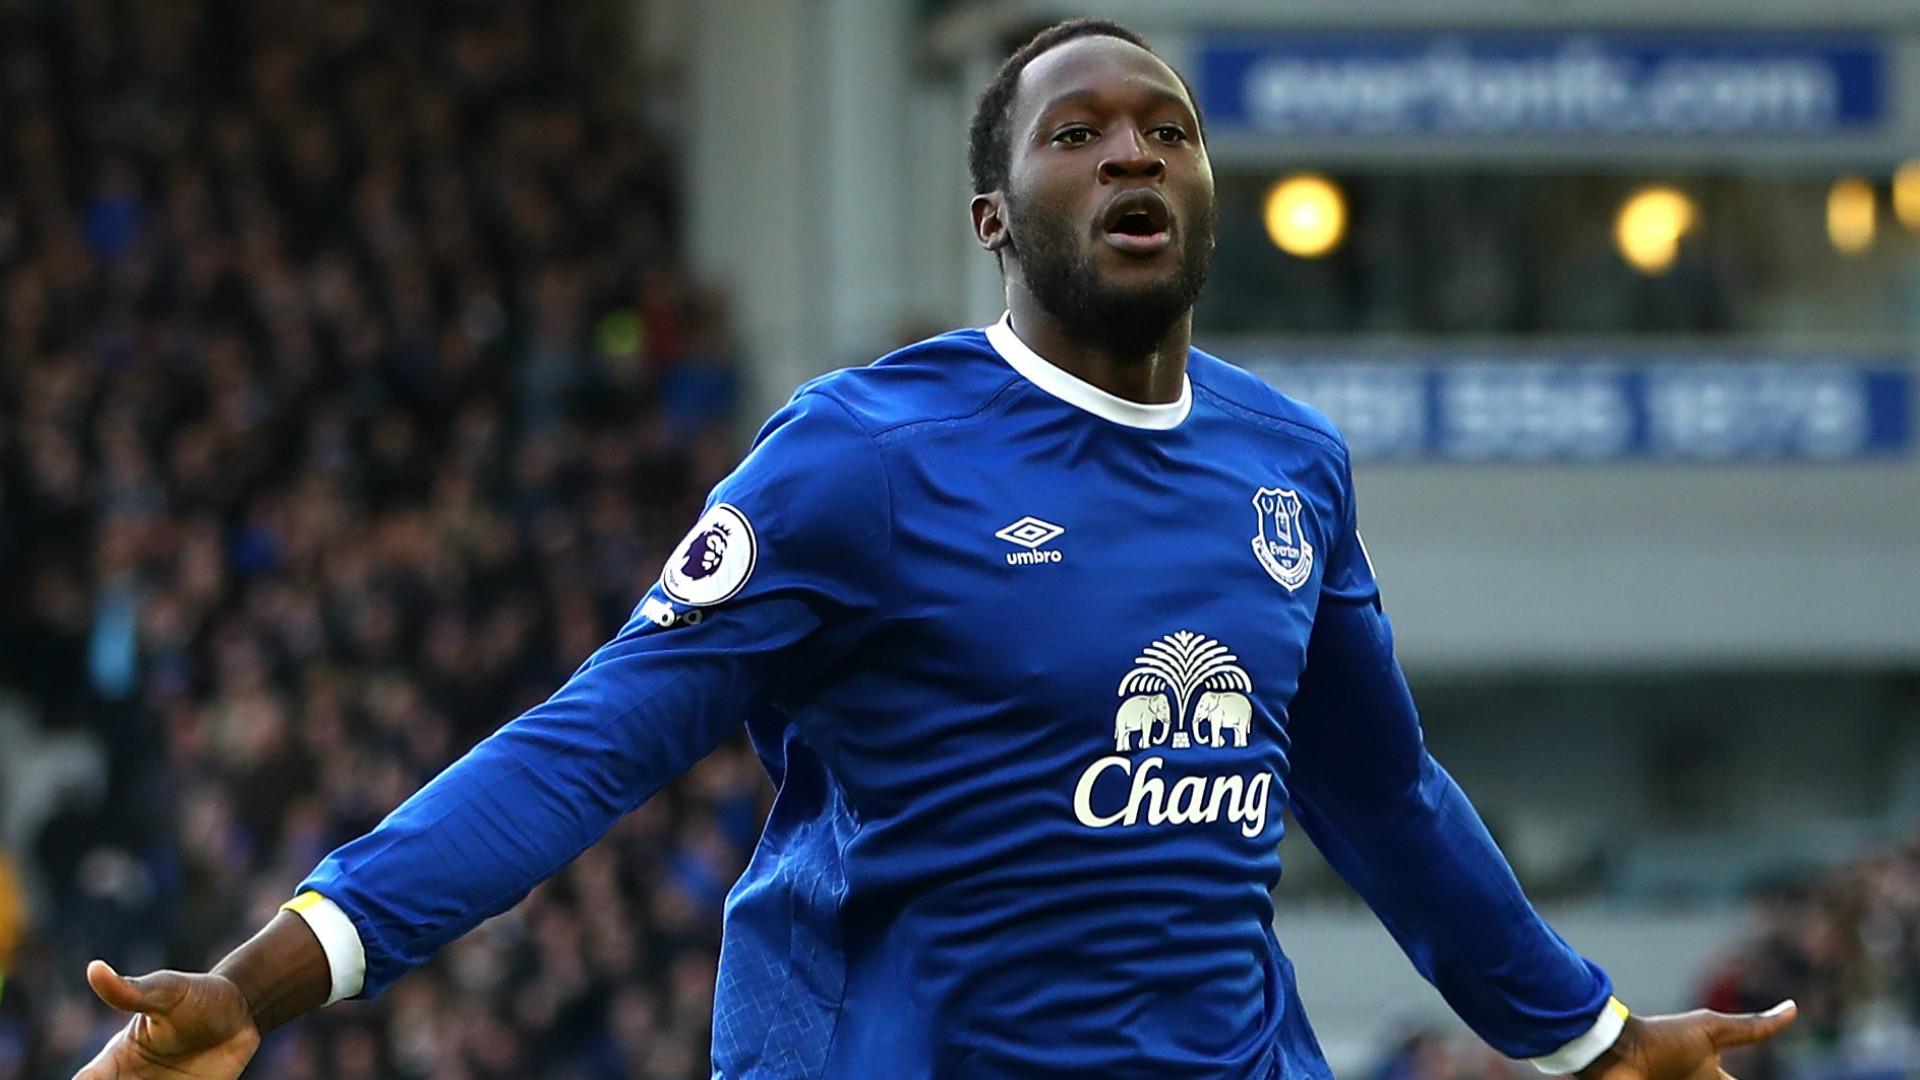 Everton de Ronald Koeman. Lukaku deja el Everton tras 87 goles con la camiseta blue. www.goal.com